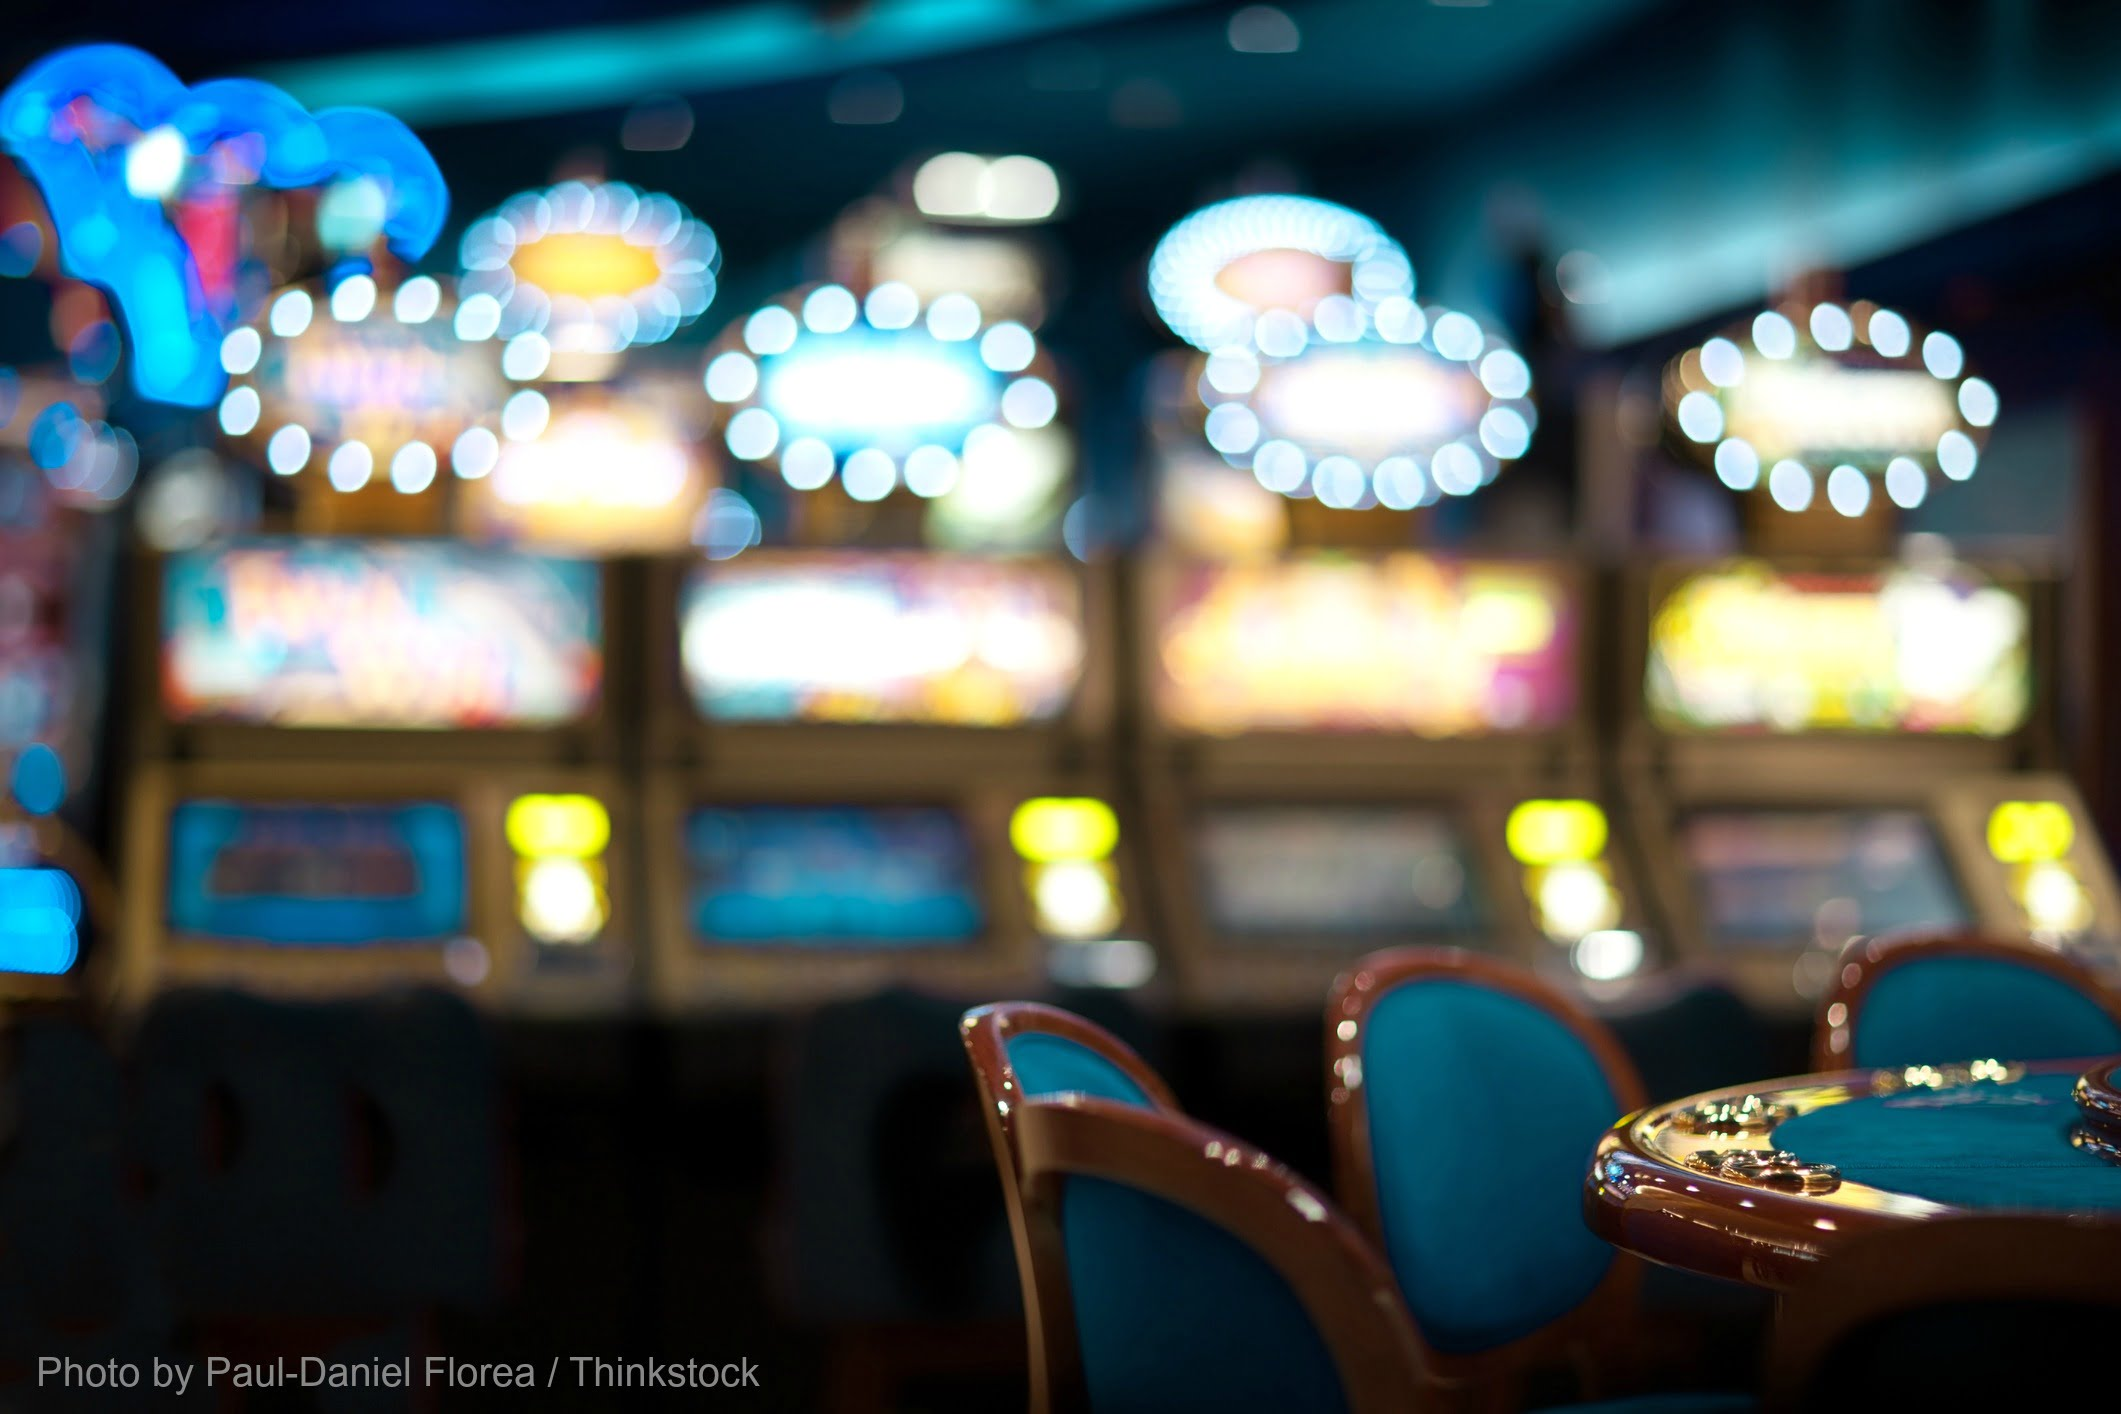 Jackson ms casinos imploded las vegas casinos